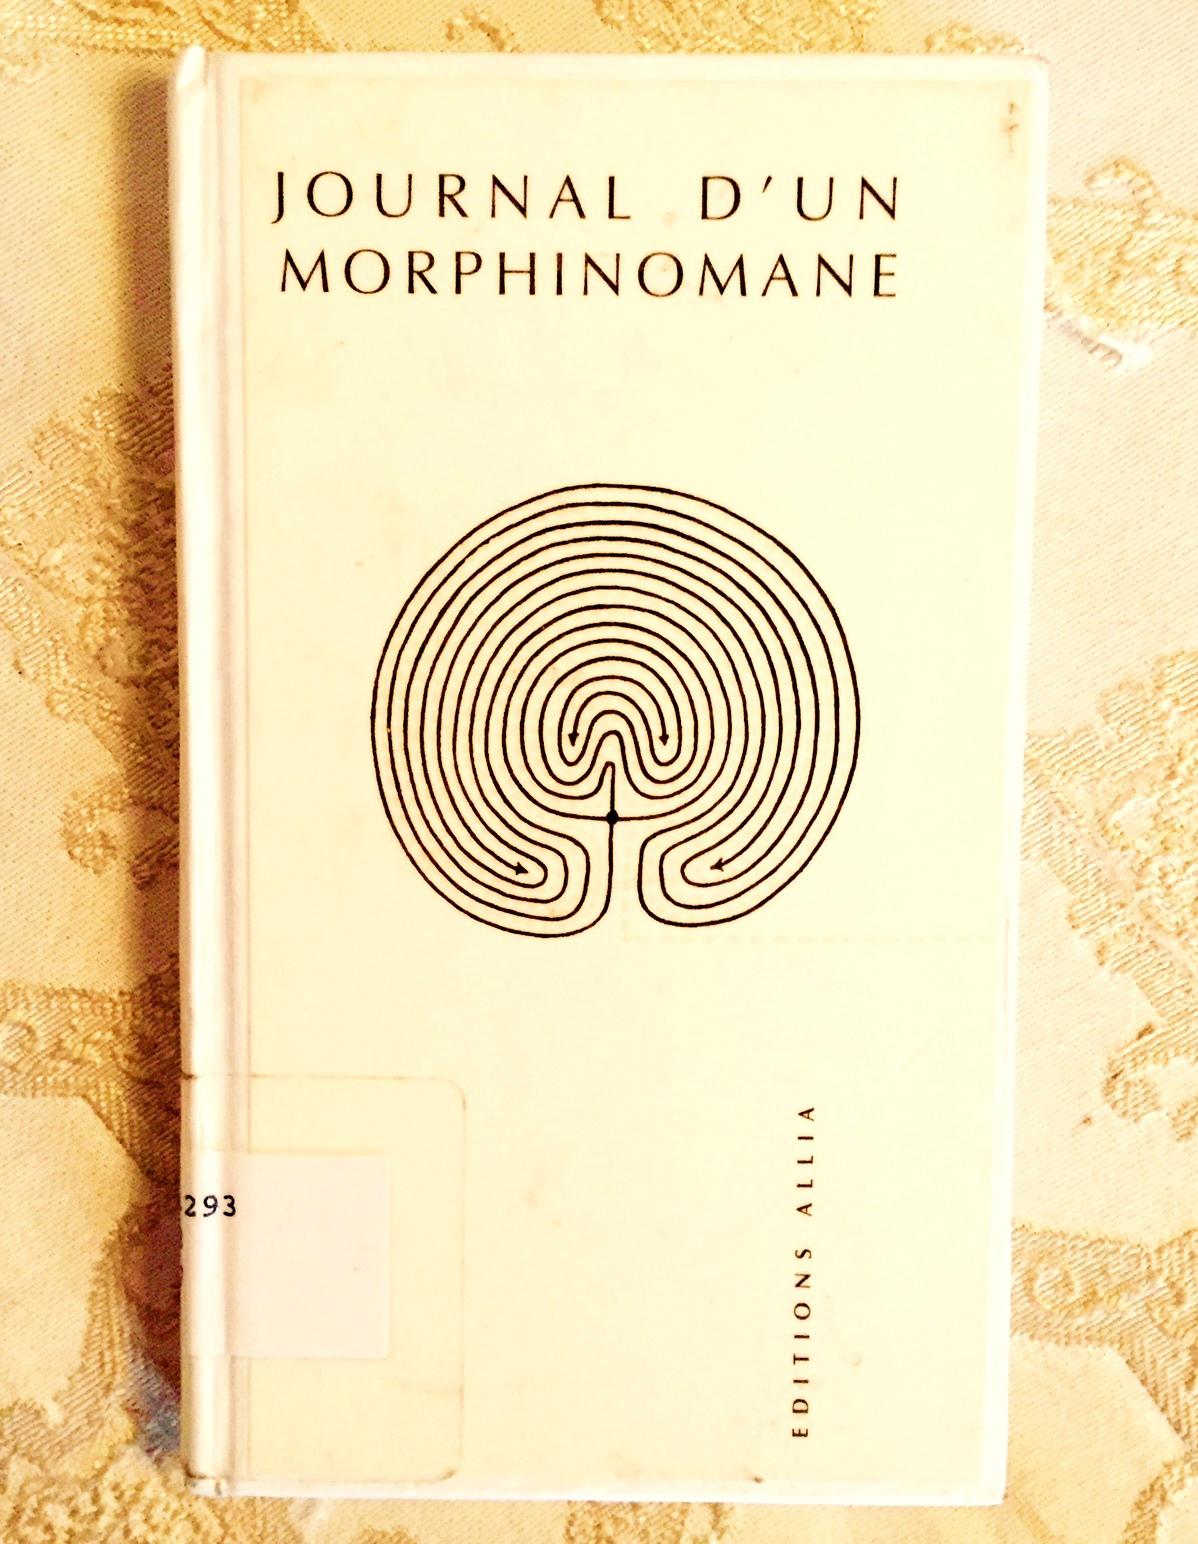 morphinomane.jpg